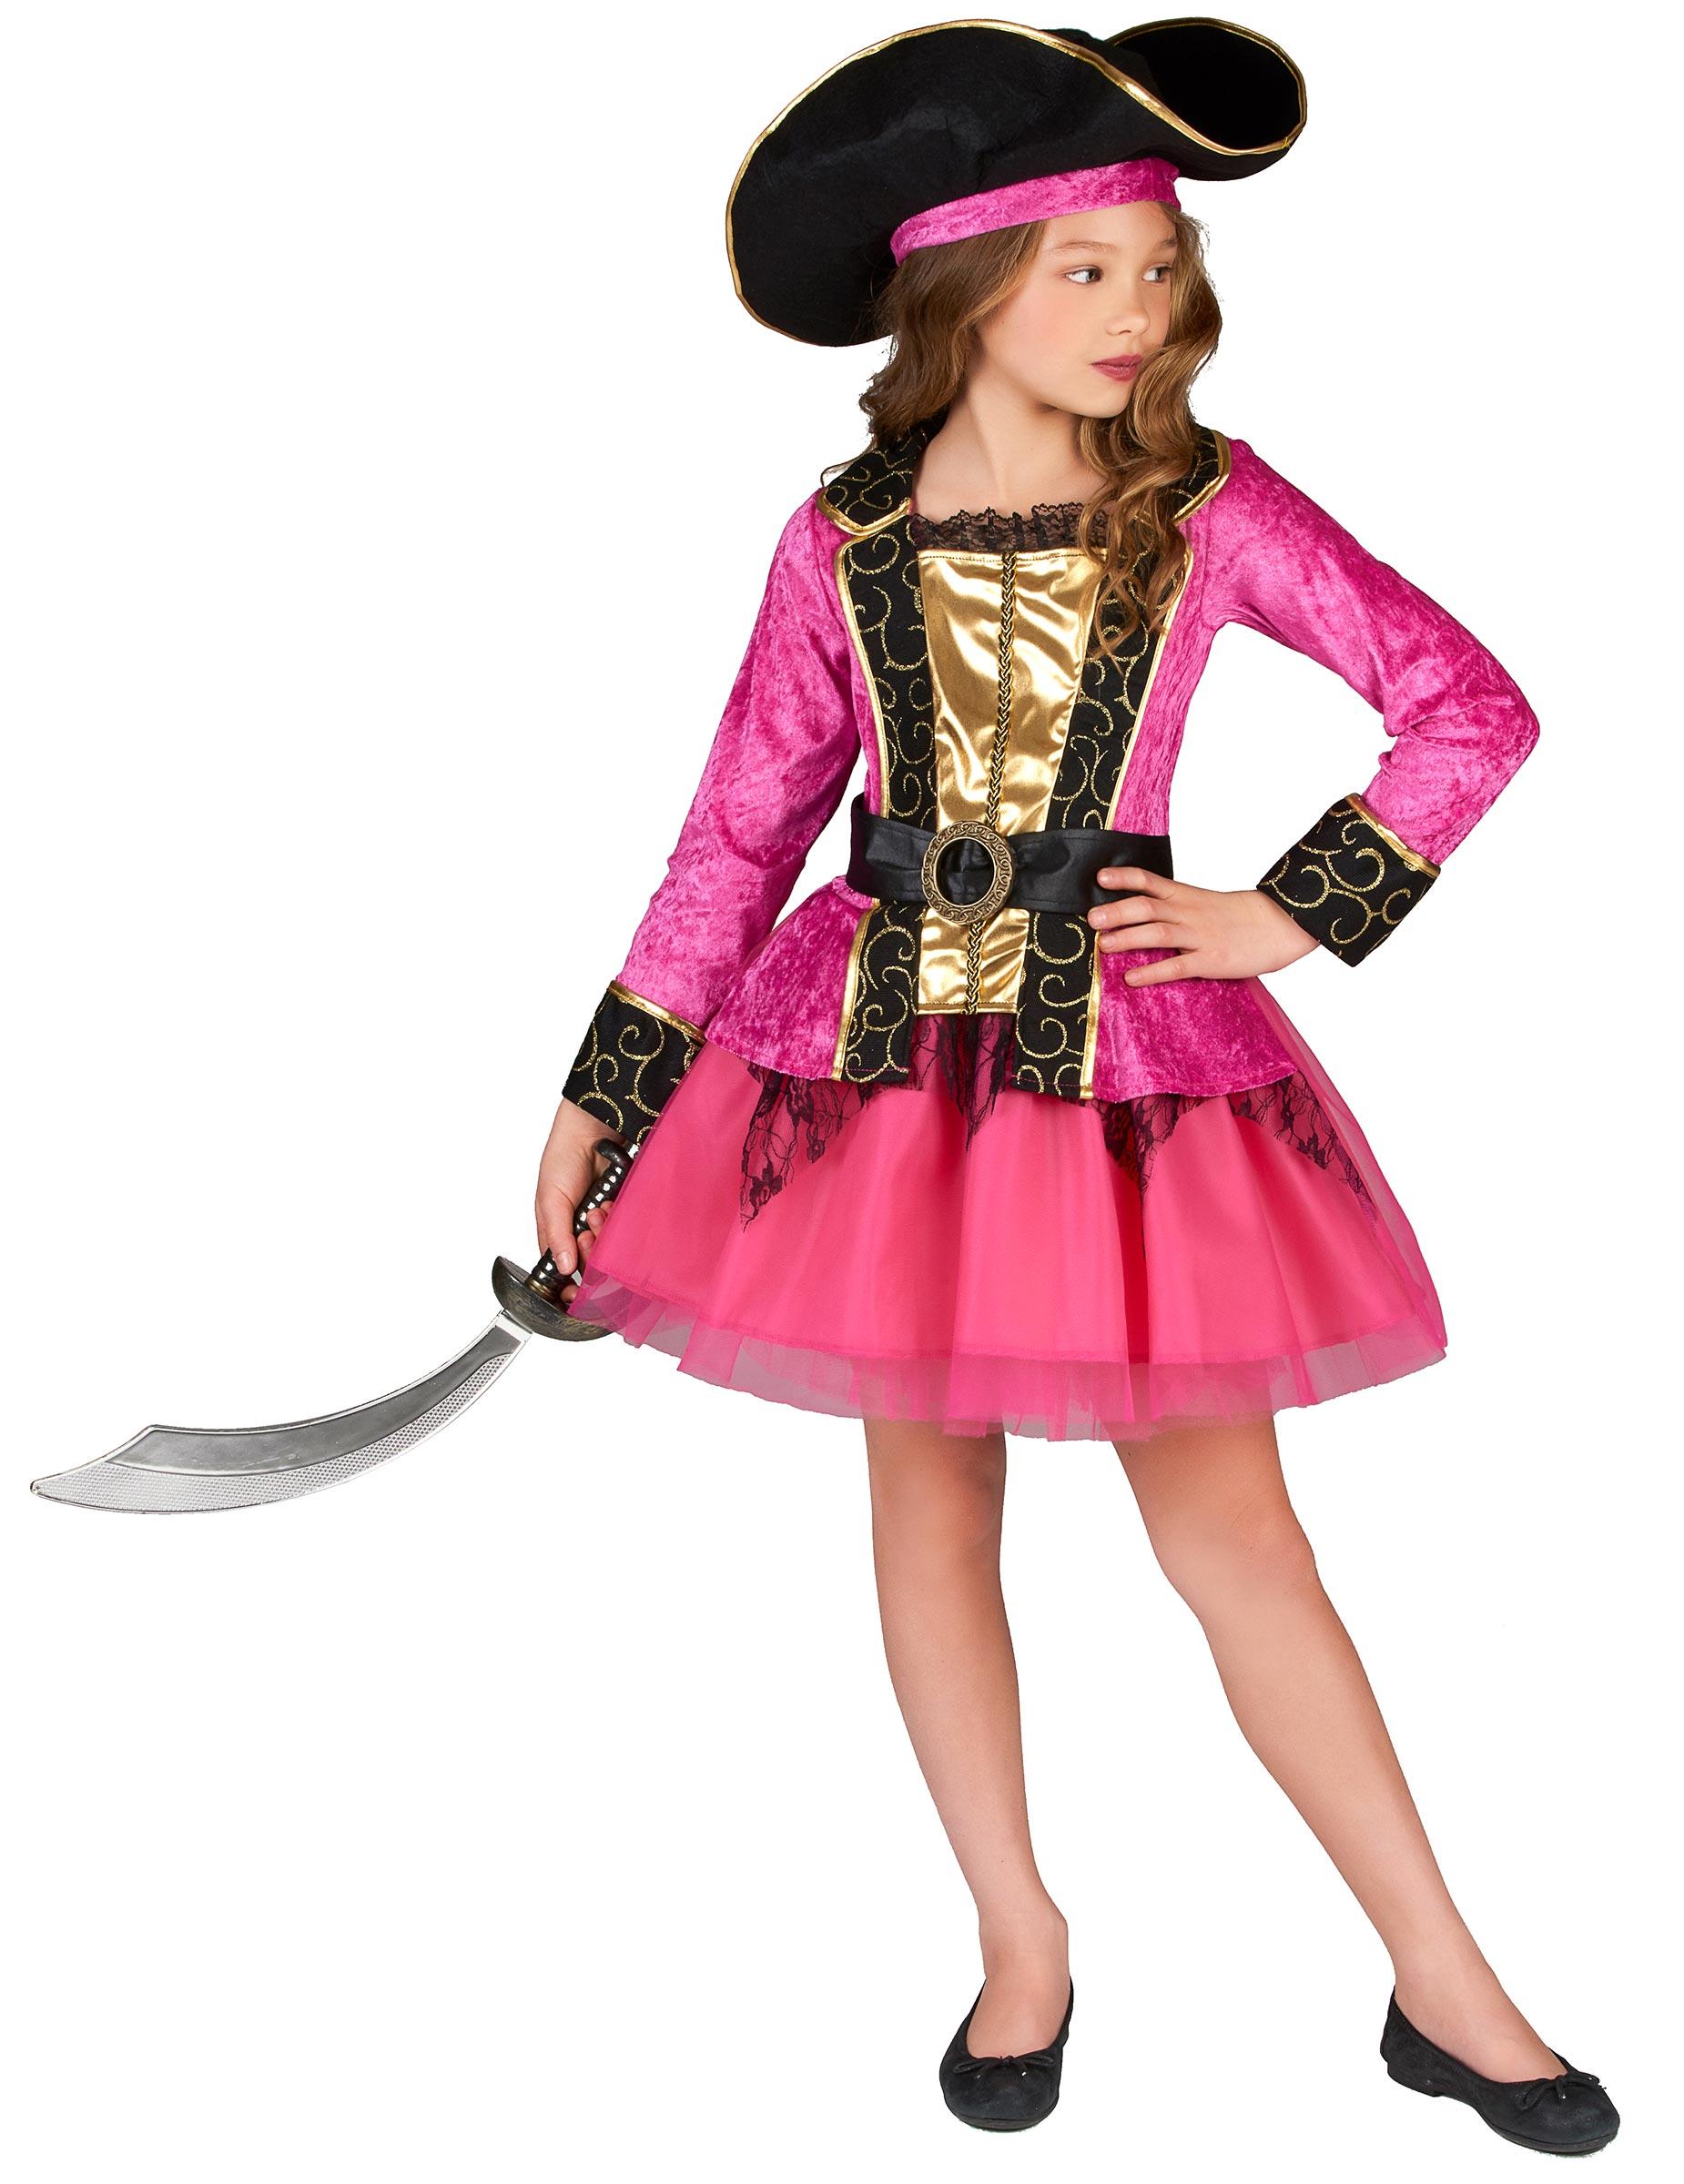 Disfraz de pirata rosa y dorado niña: Disfraces niños,y disfraces ...